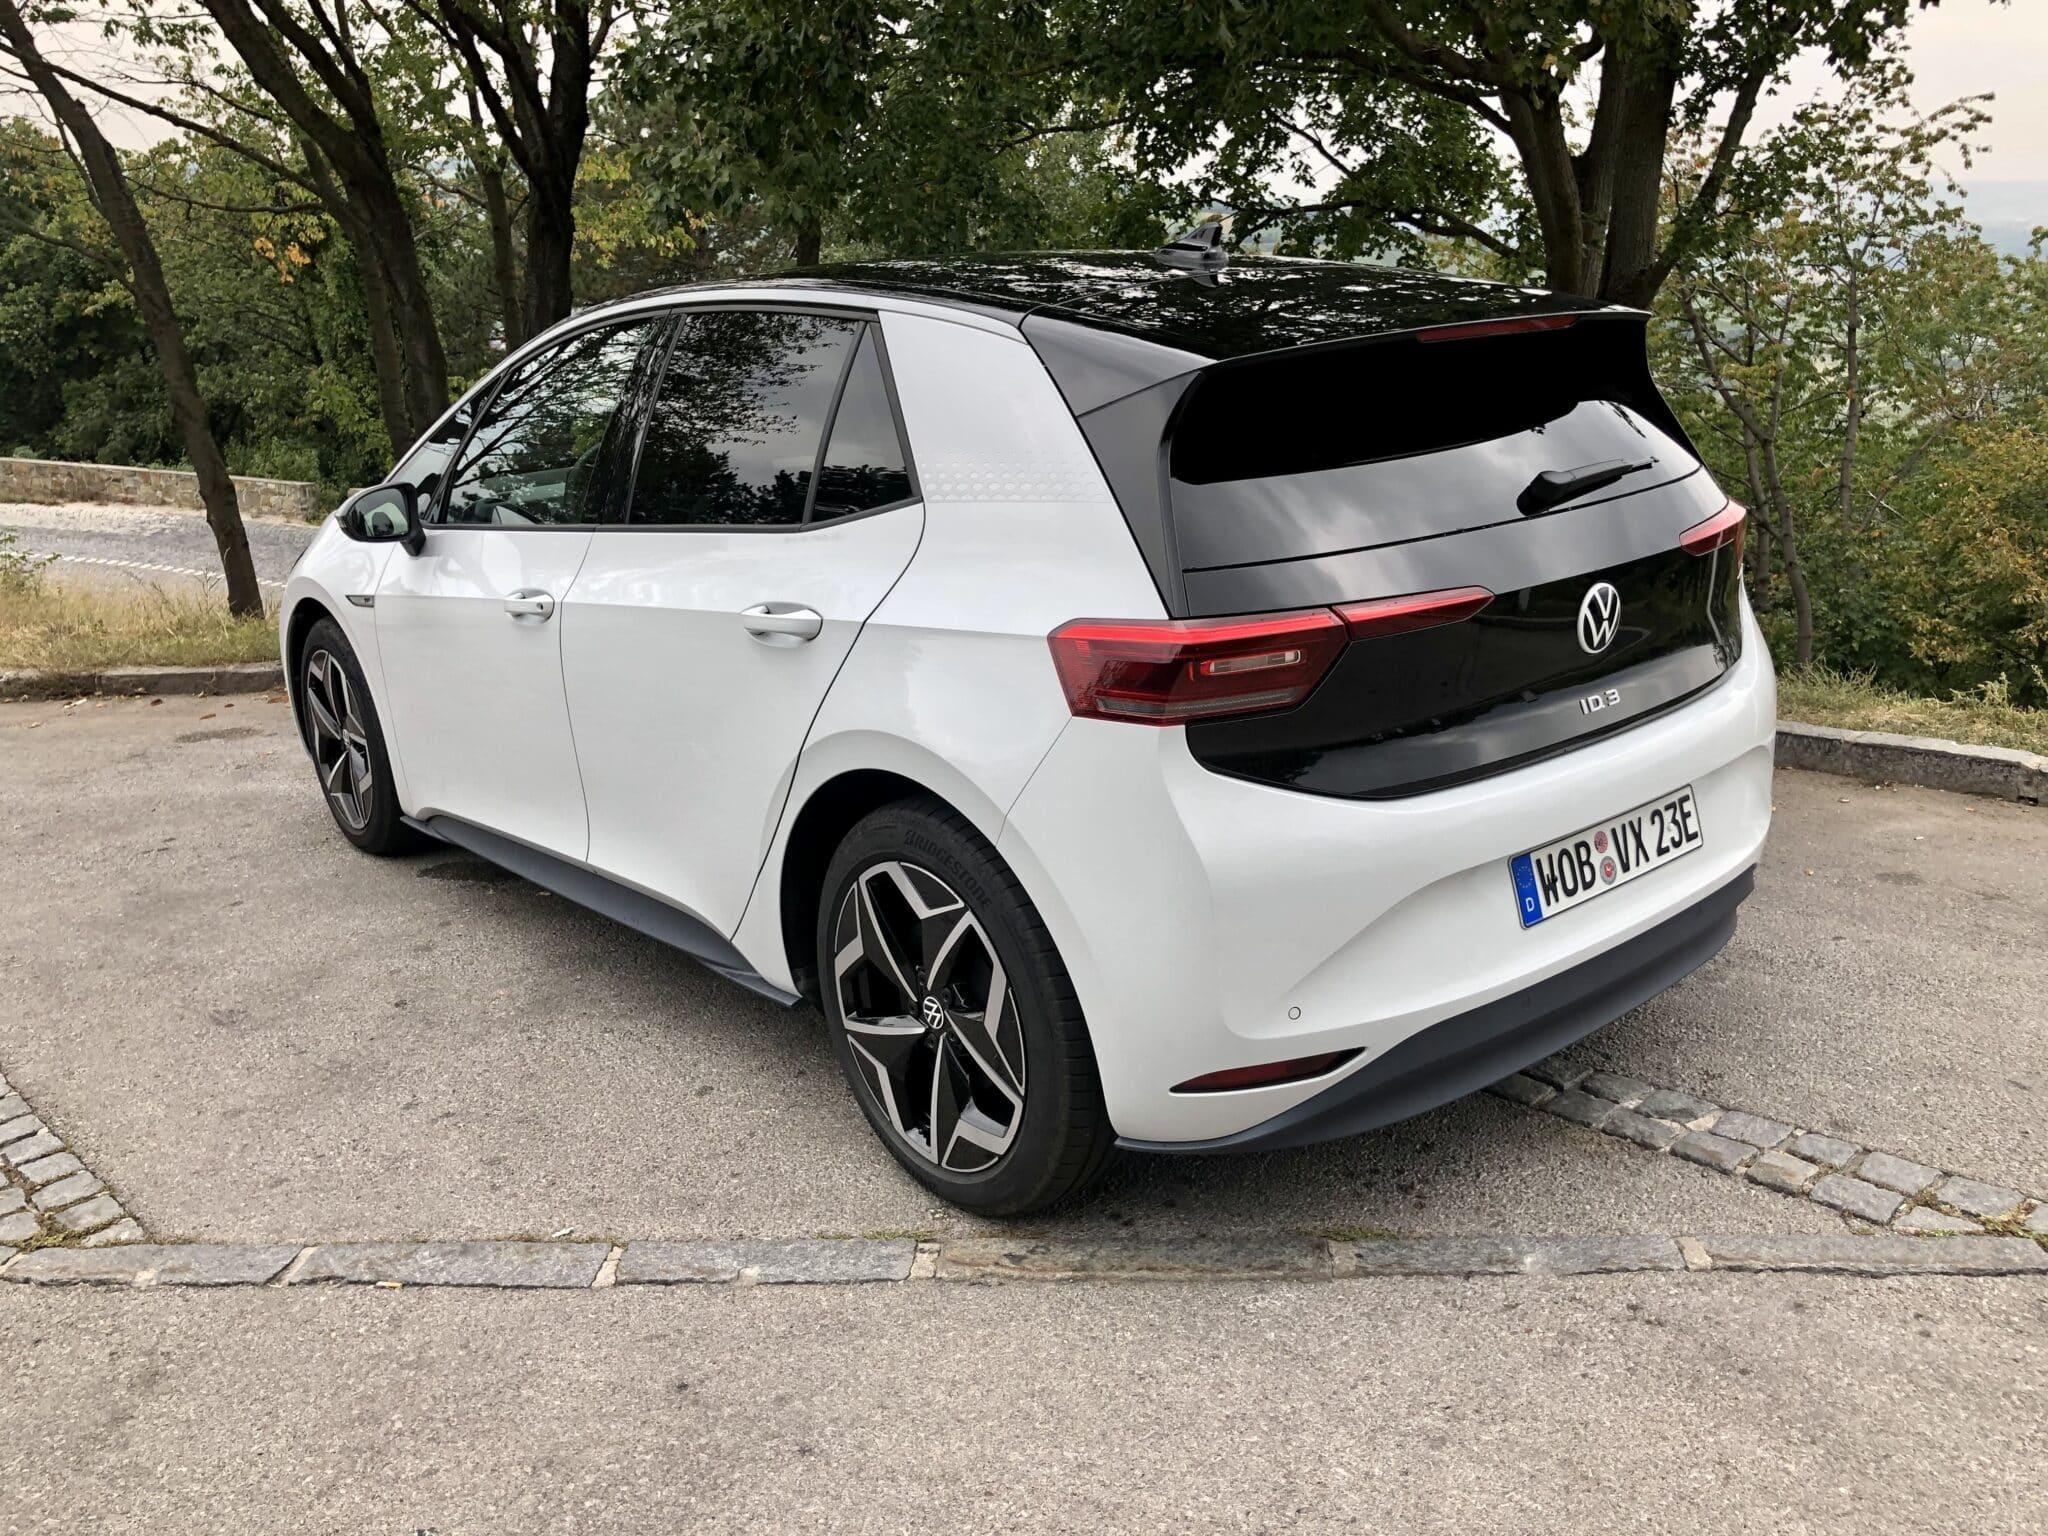 EMC Probefahrt des VW ID.3 » EMC VW ID.3 Probefahrt 13 min scaled